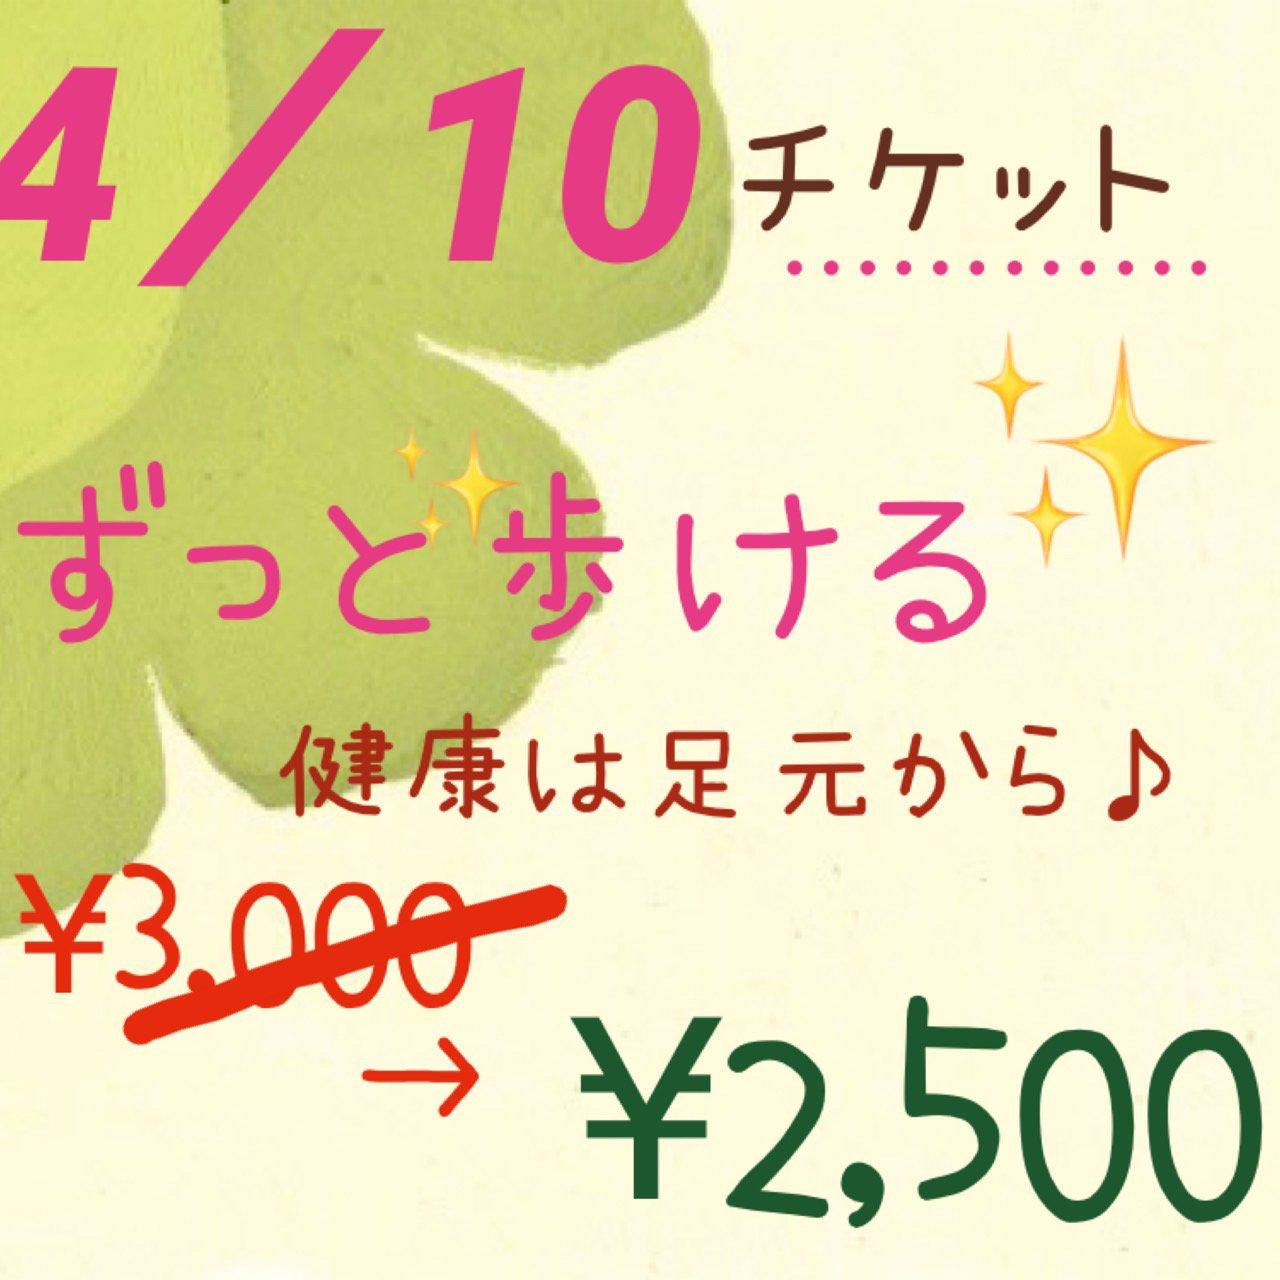 4月10日(土)11:00〜15:00『ずっと歩ける〜健康は足元から〜』¥2500チケットのイメージその1